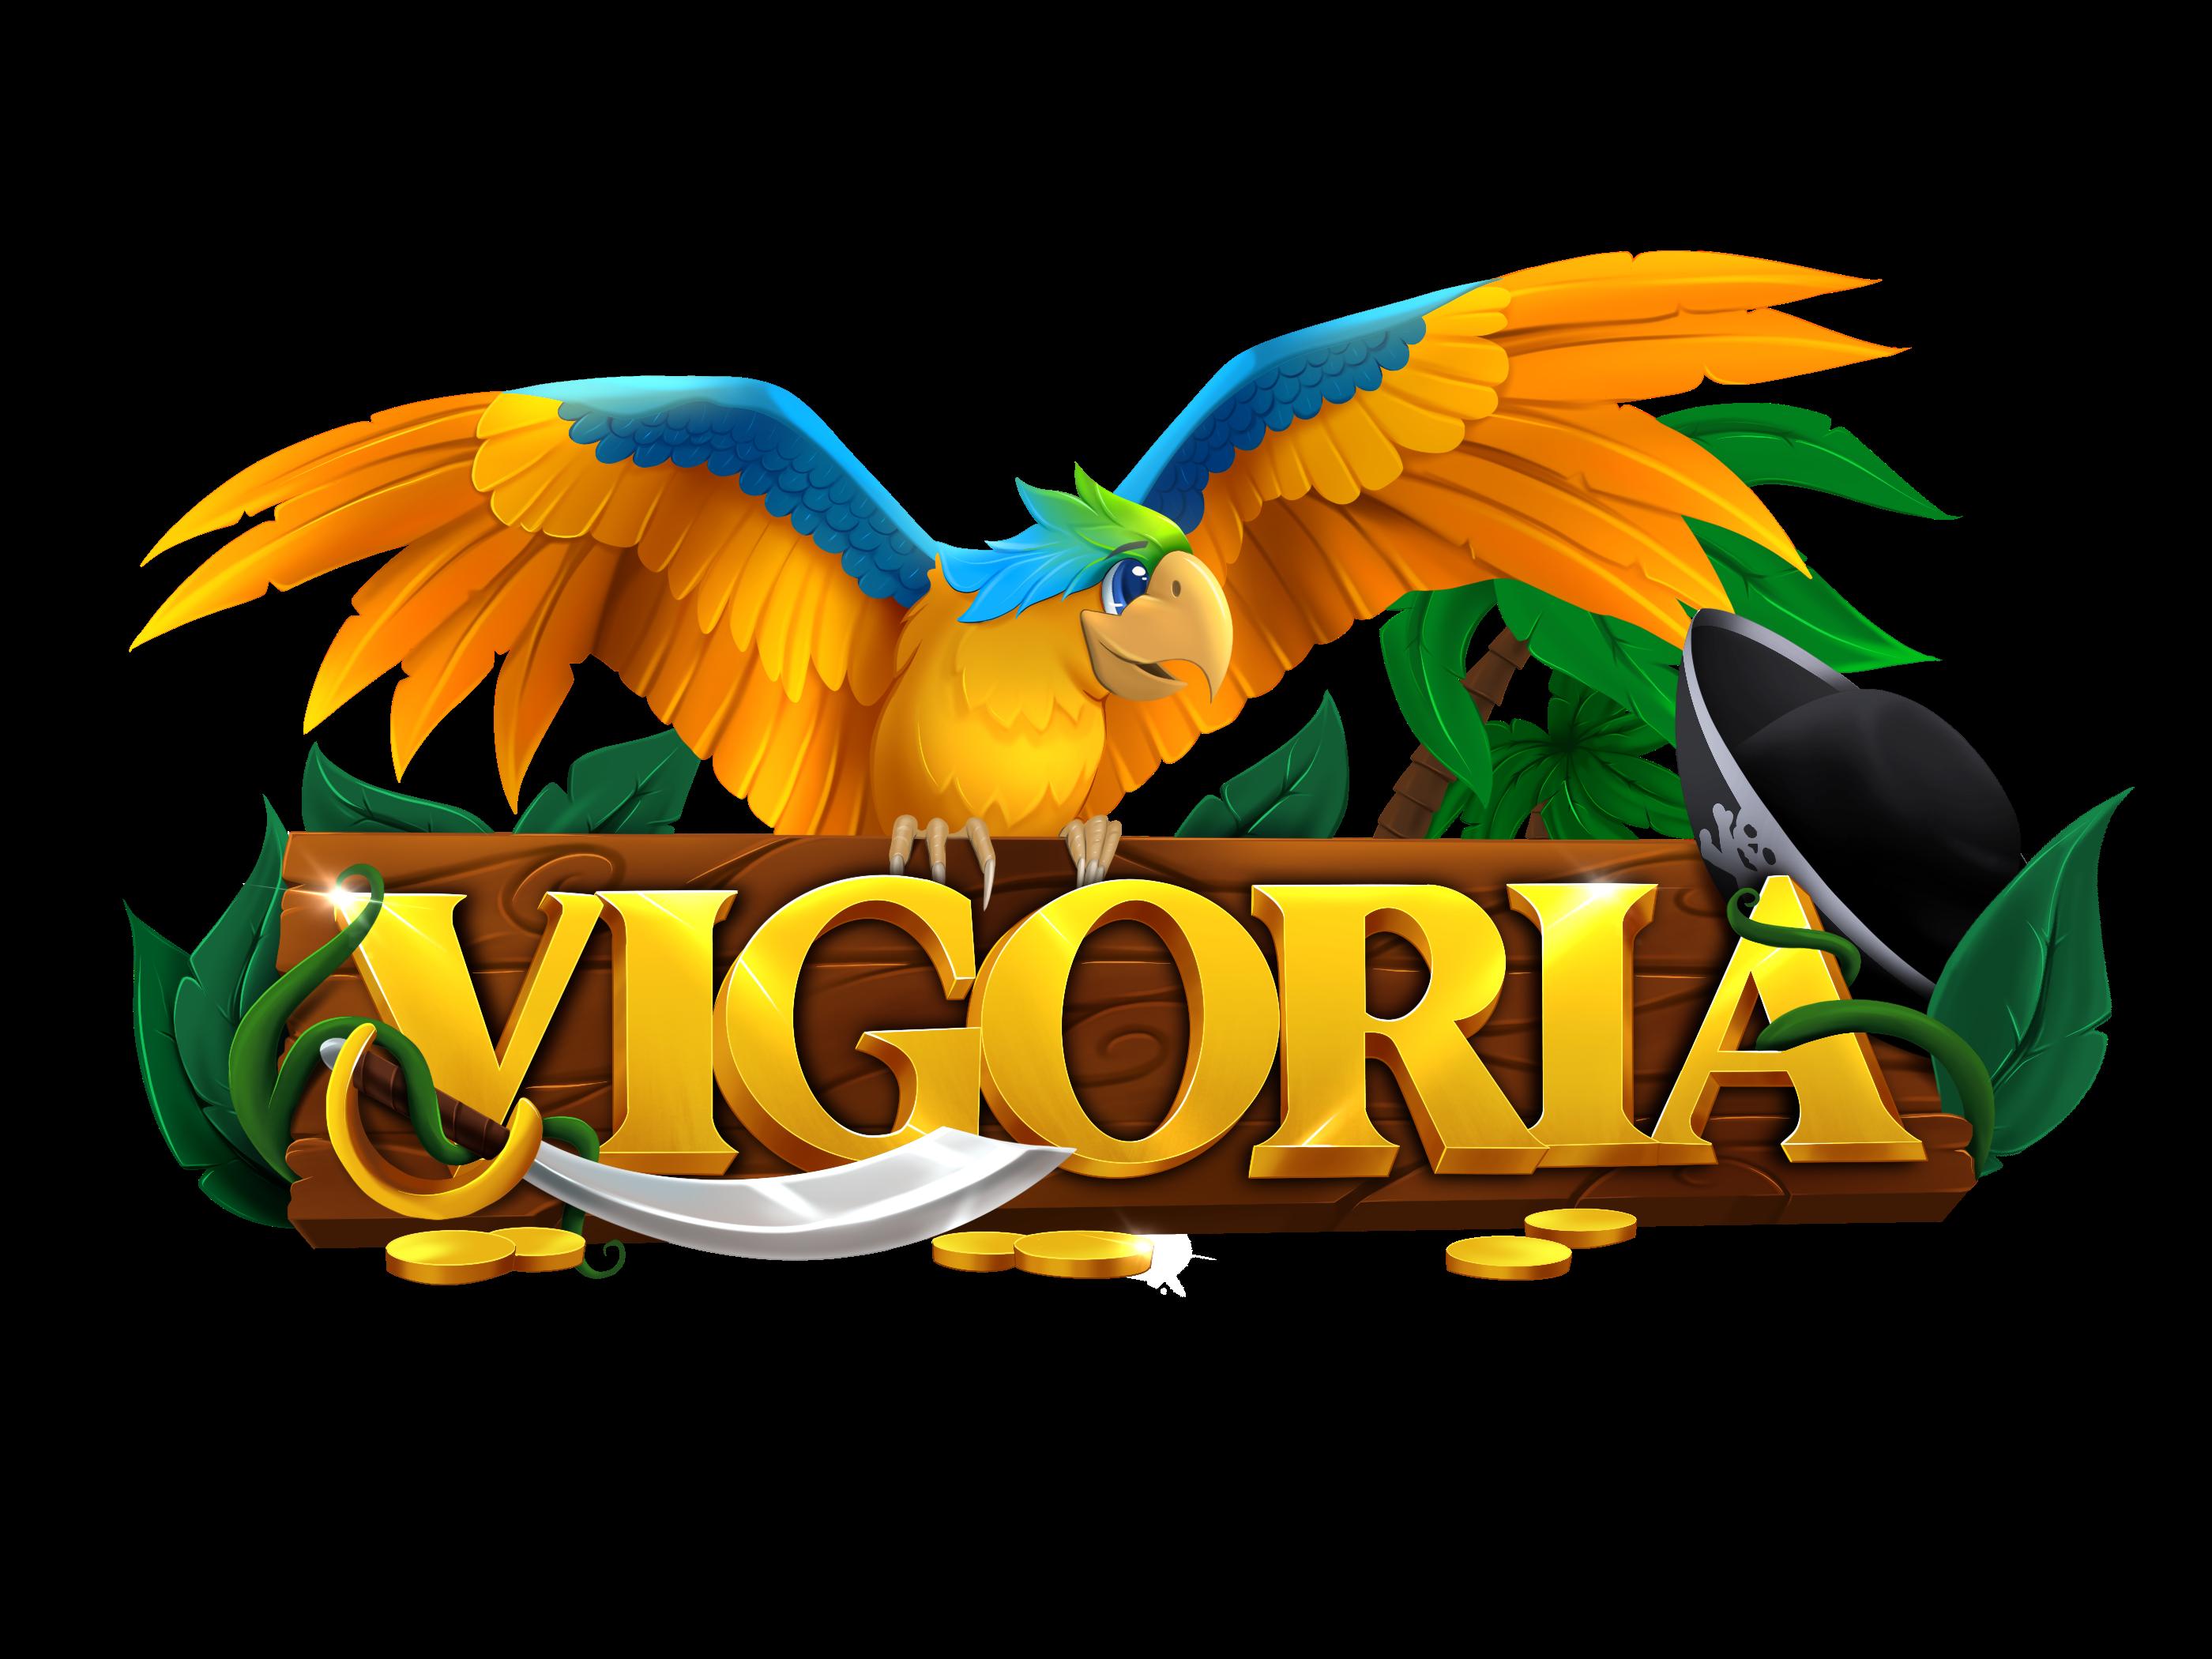 Vigoria